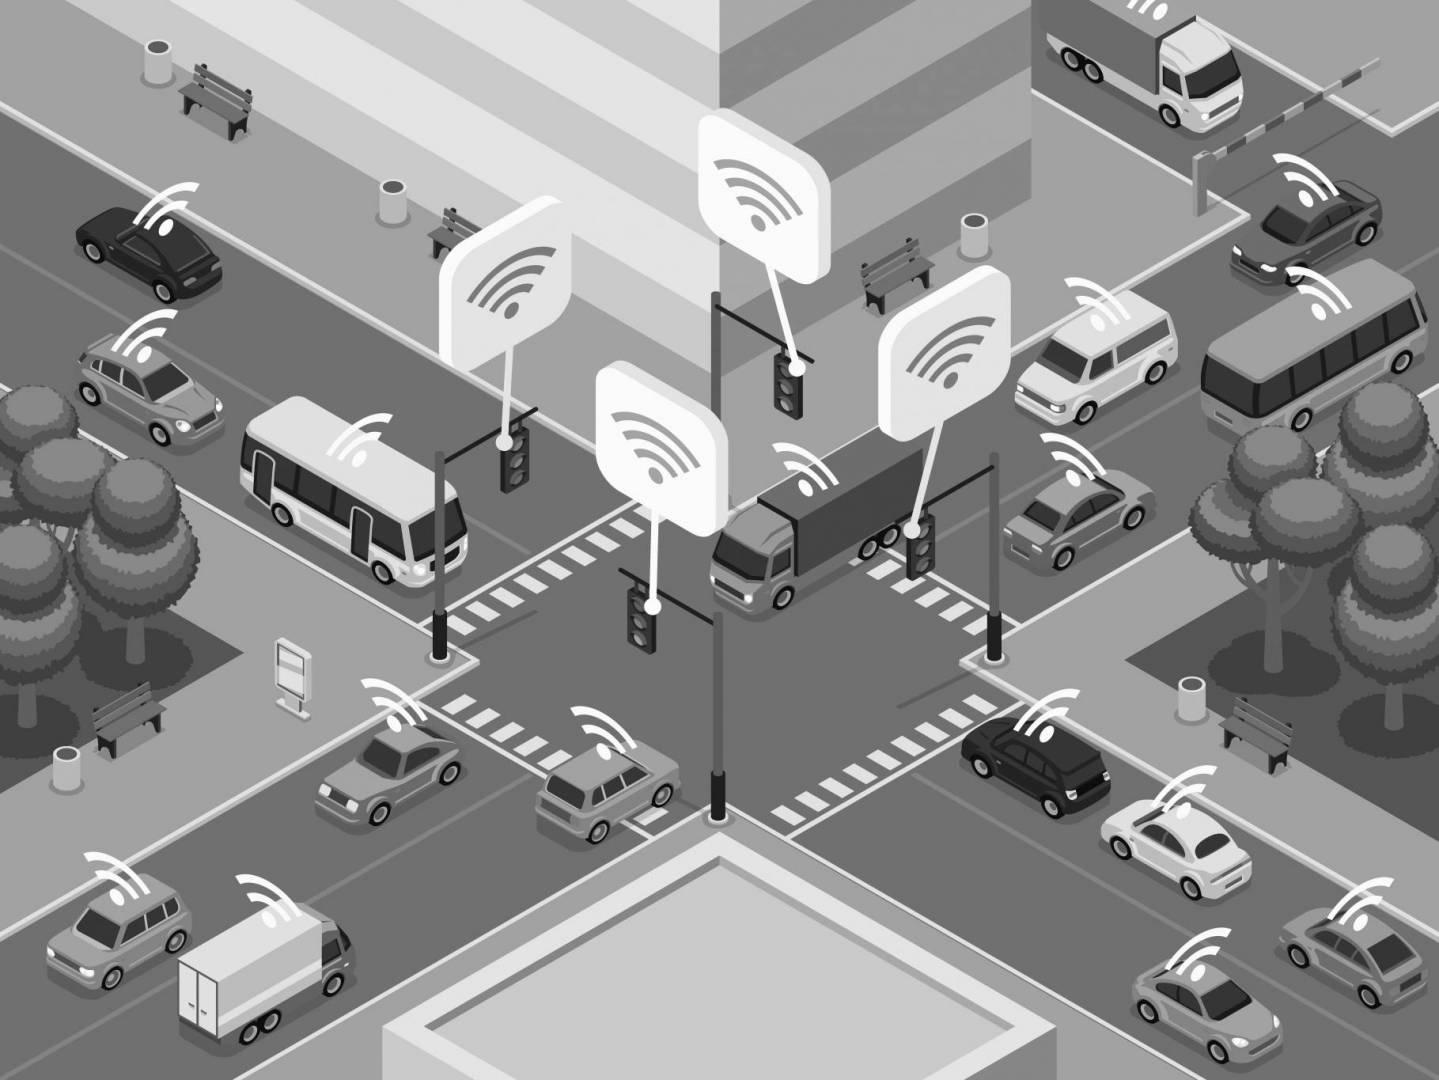 هل الطرقات جاهزة لاستيعاب السيارات ذاتية القيادة؟